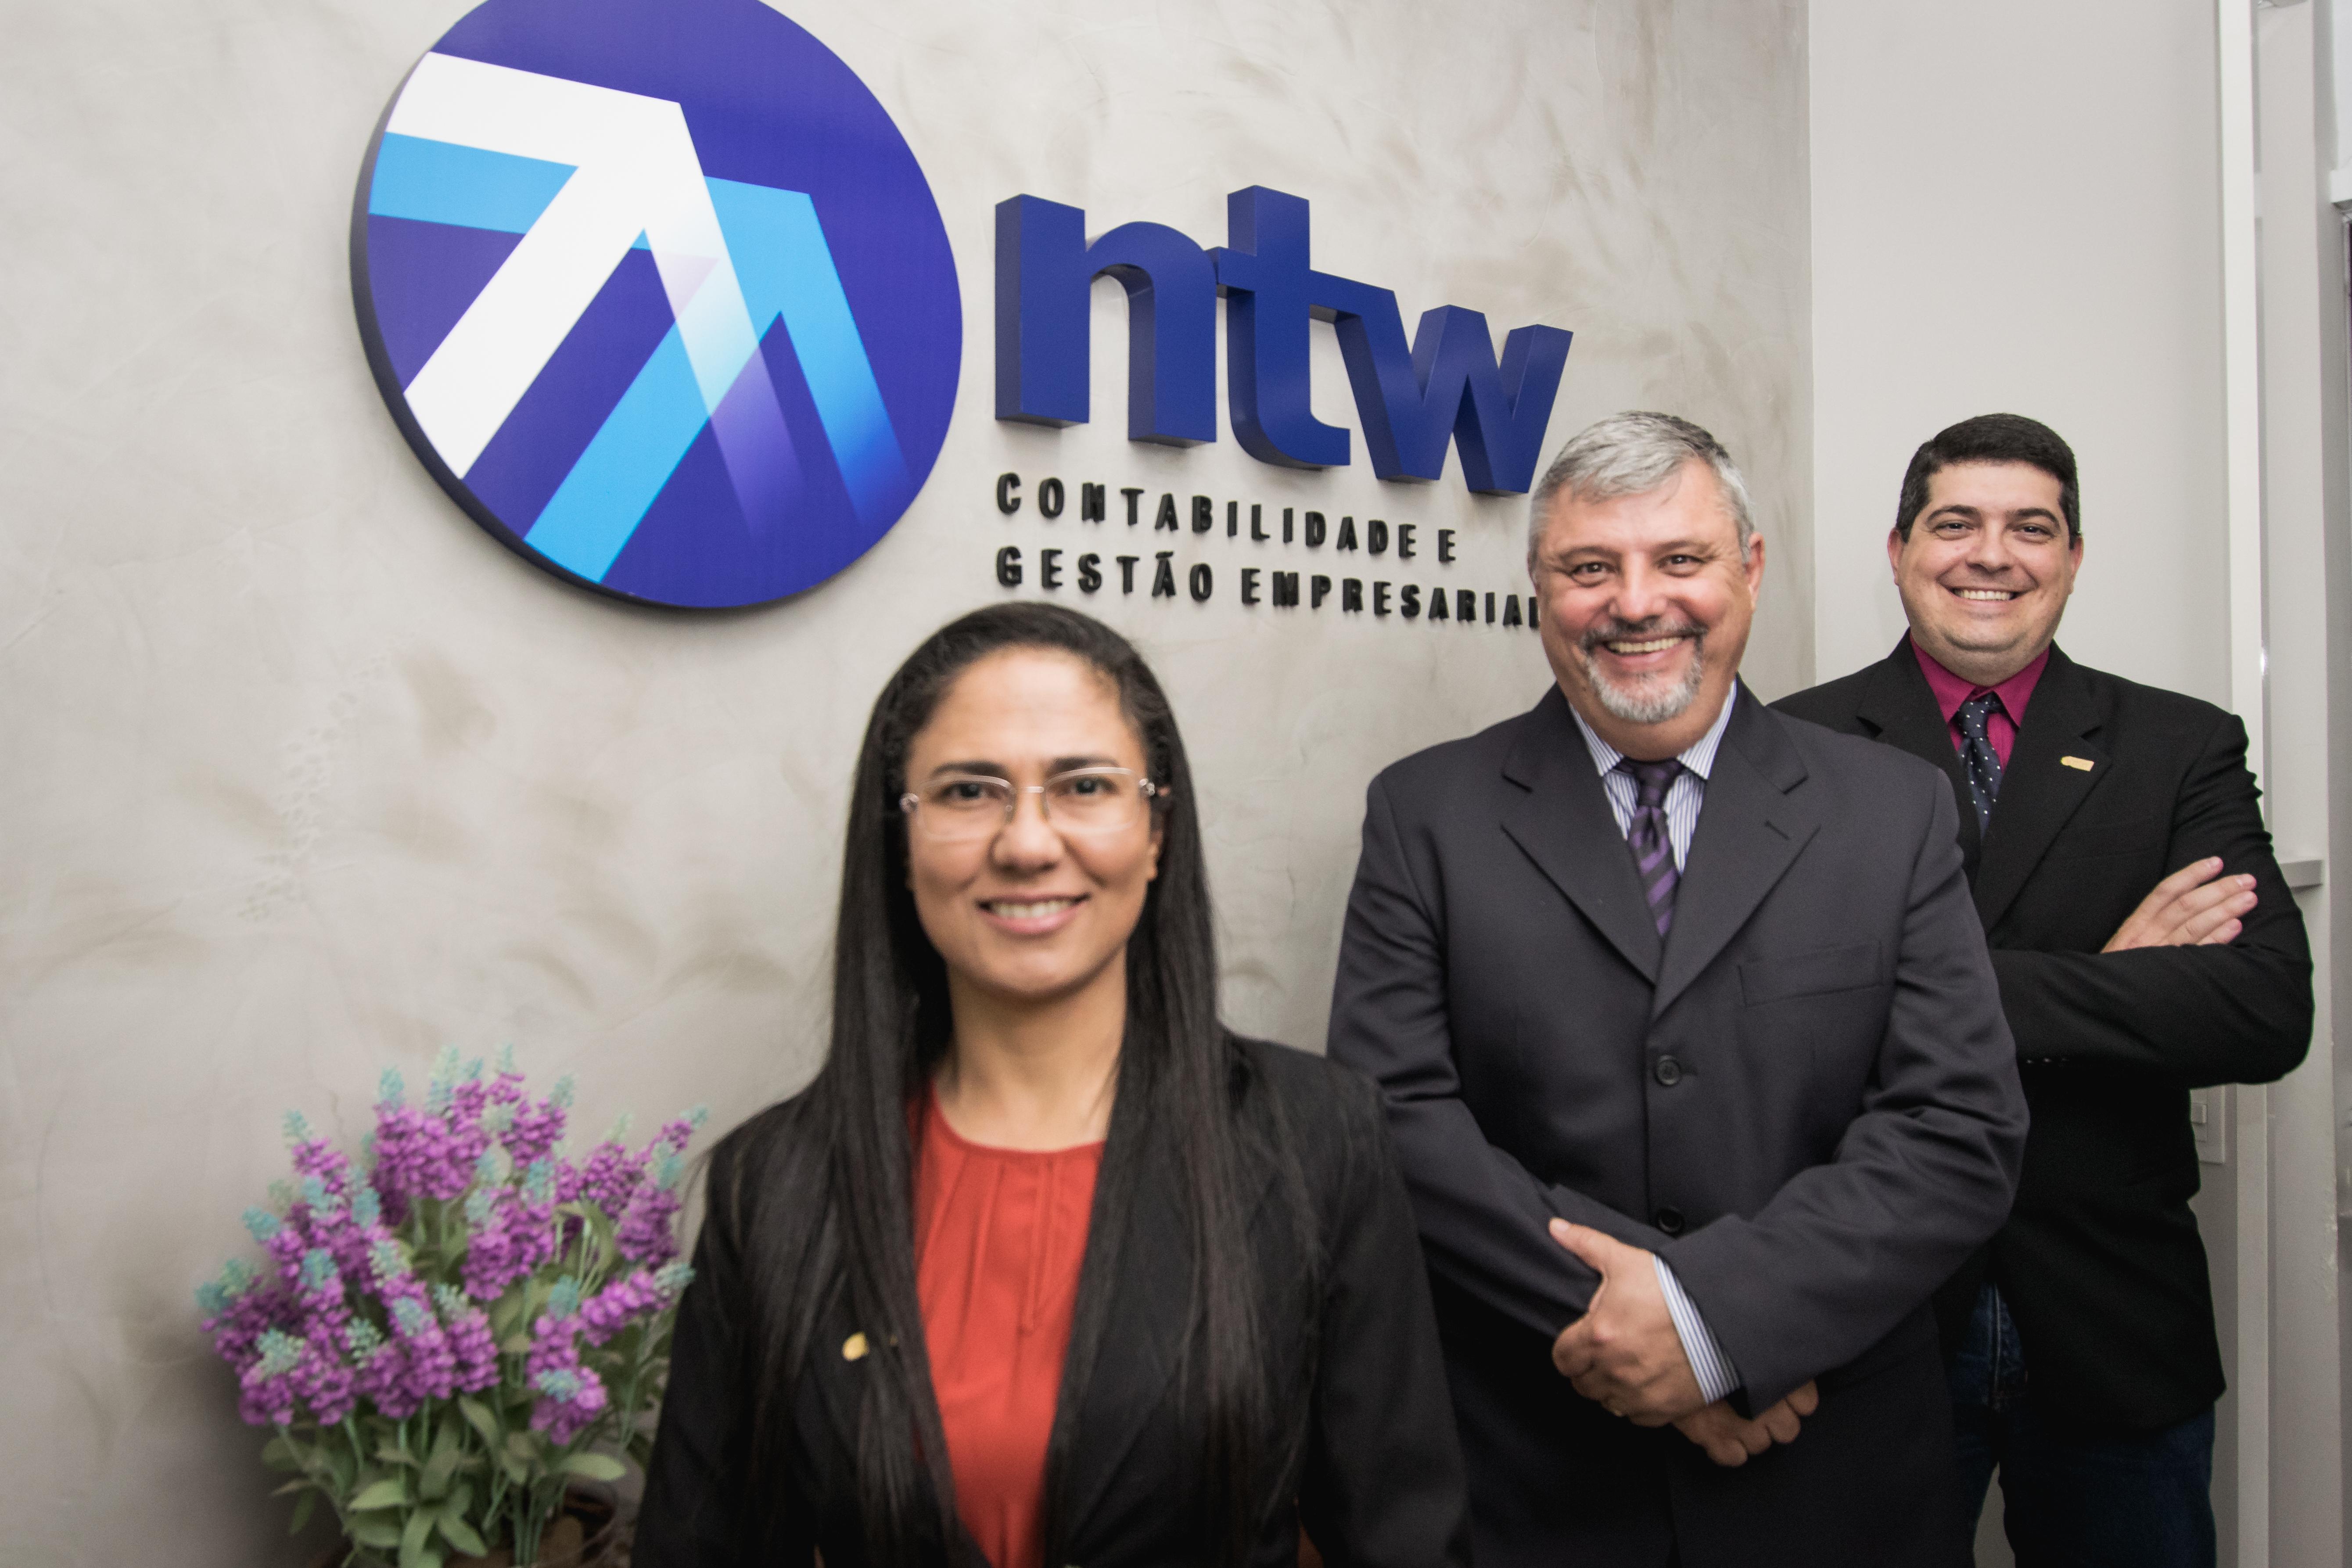 Pirassununga Recebe a Mais Nova Unidade NTW Contabilidade e Gestão Empresarial